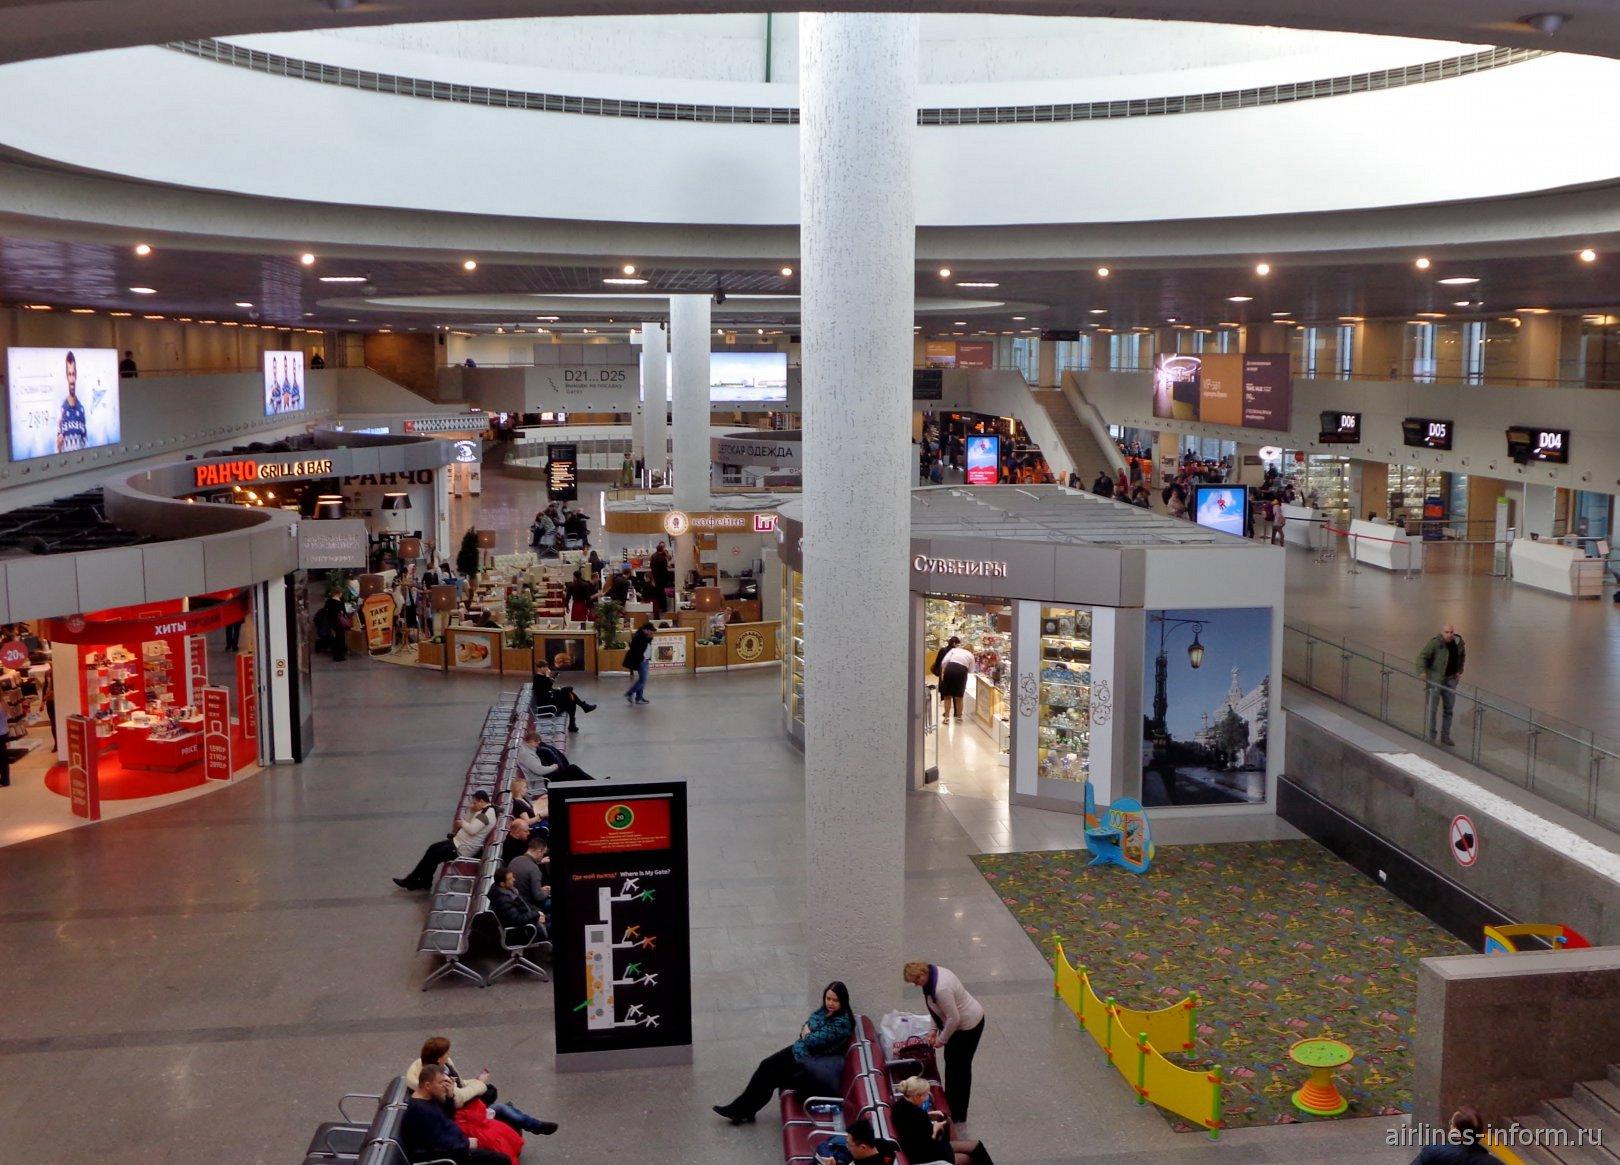 Сектор отправления внутренних рейсов в аэропорту Санкт-Петербург Пулково